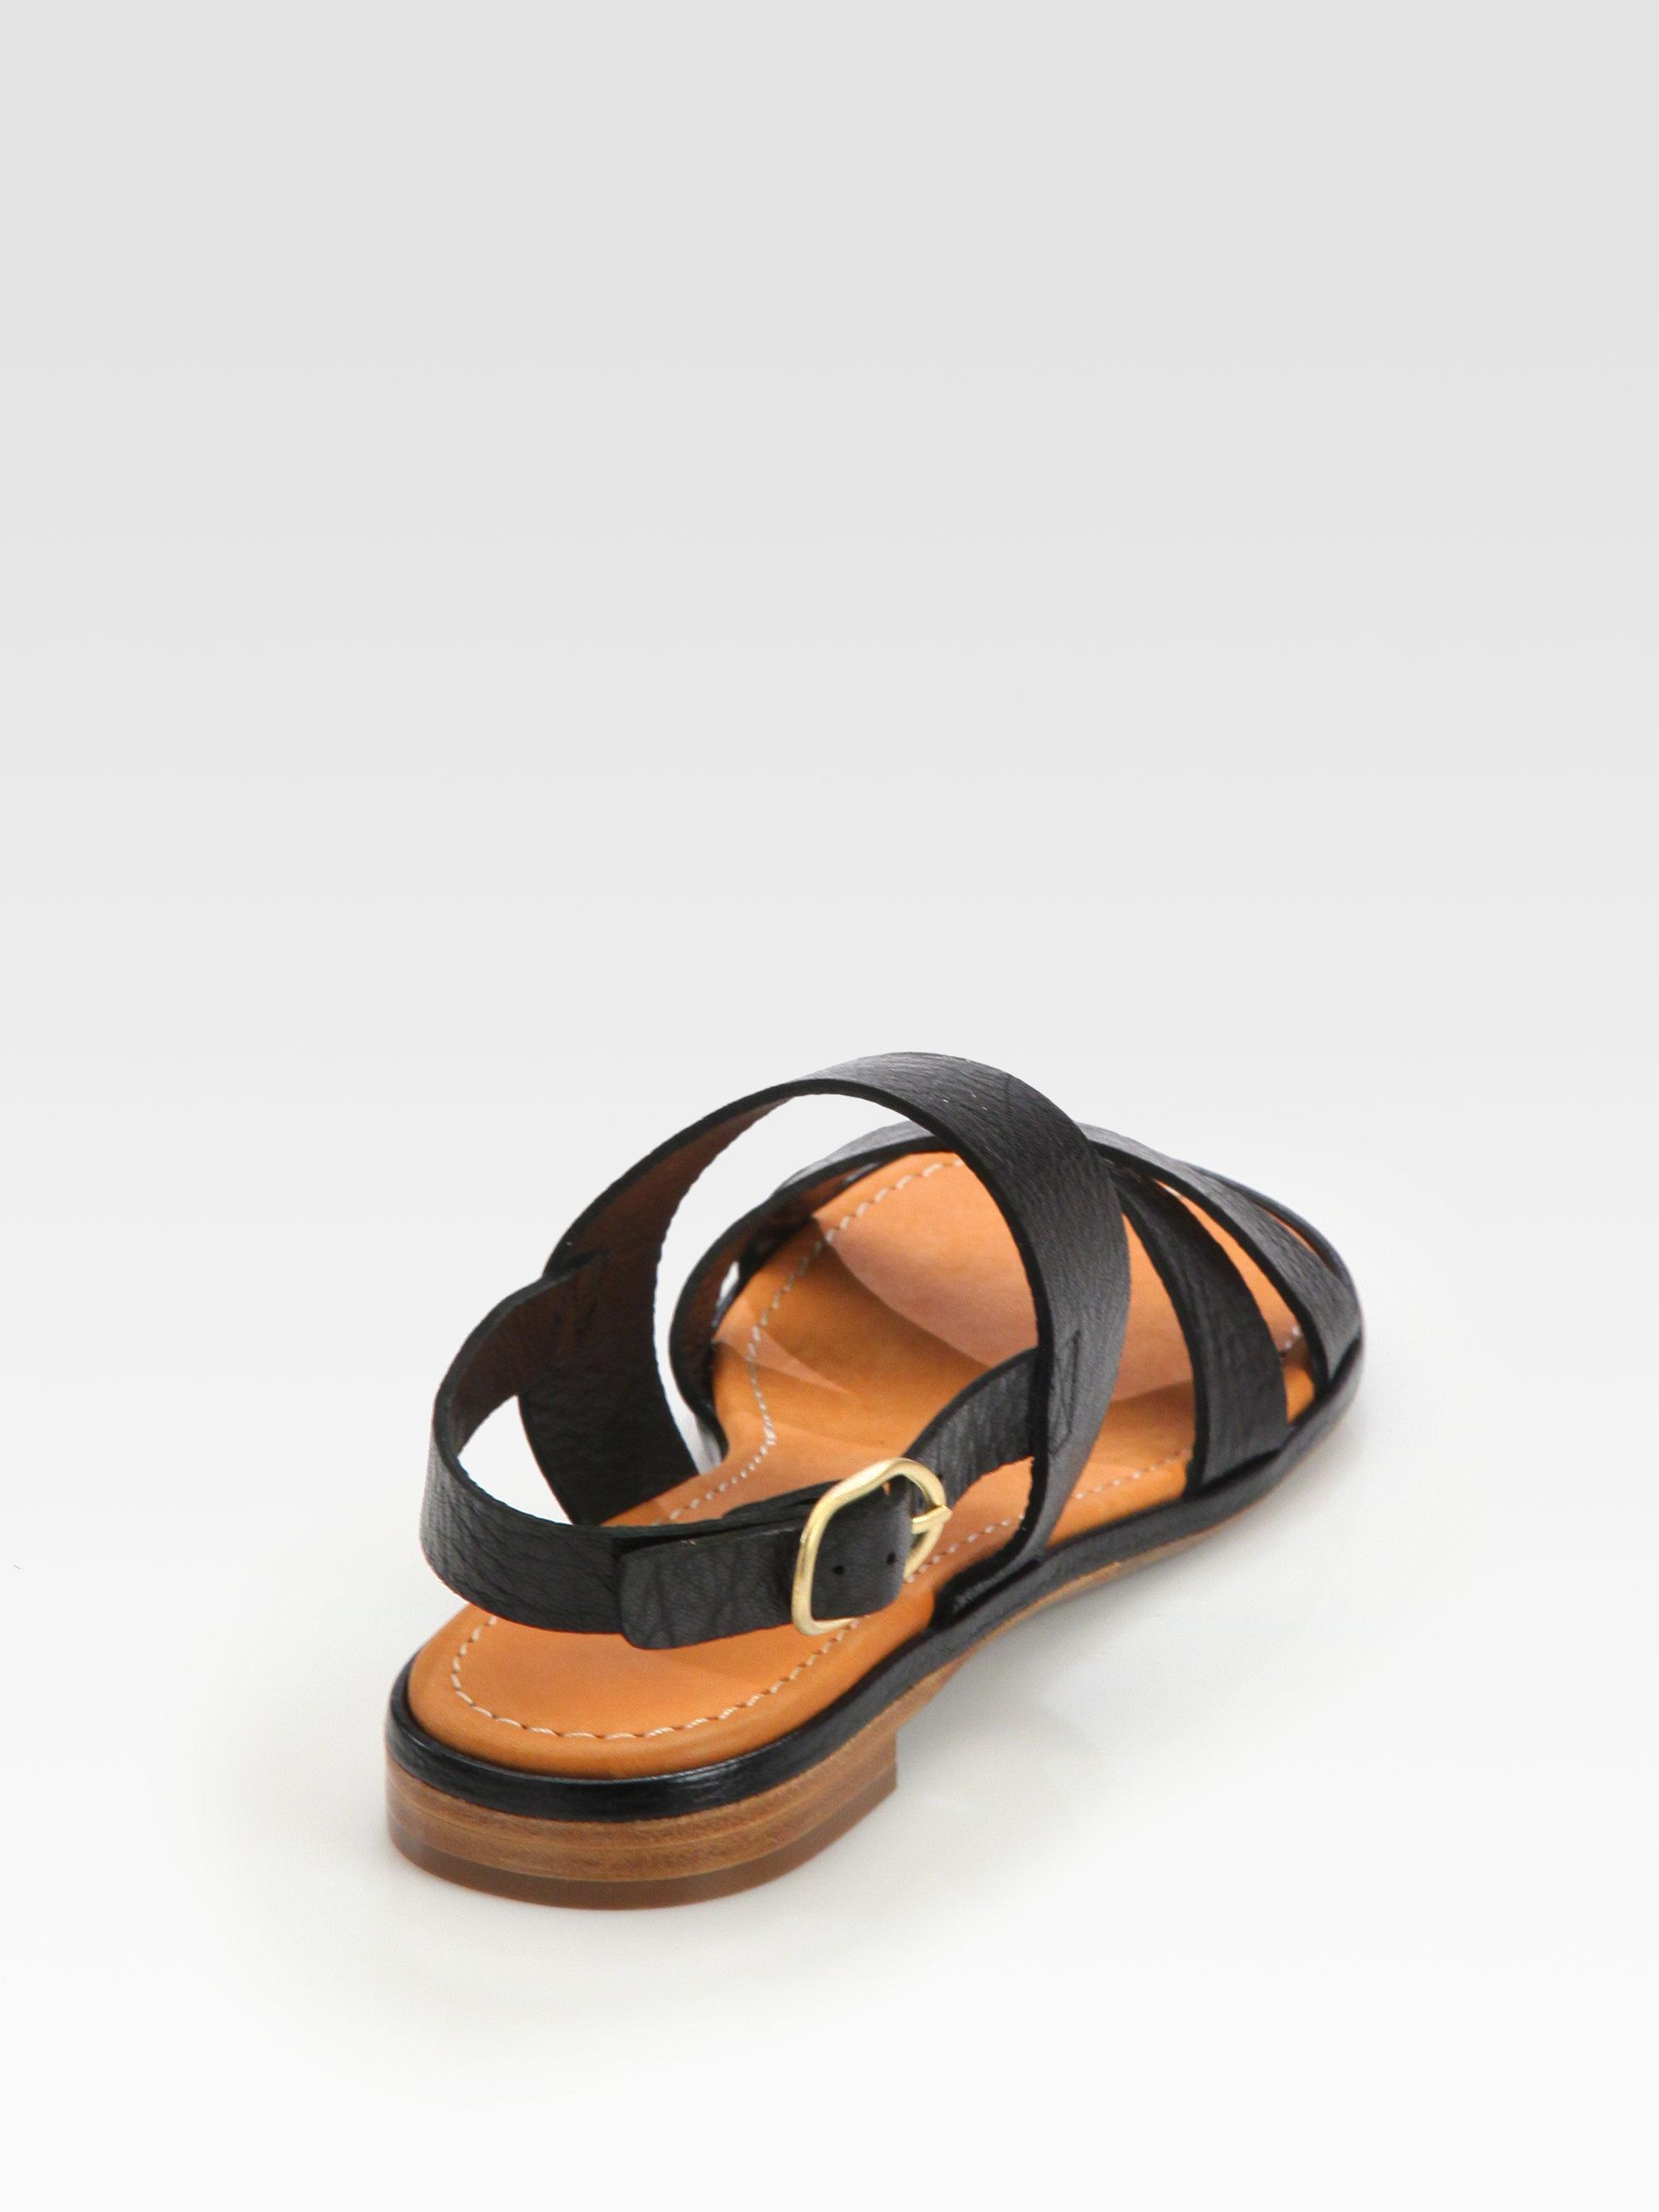 Chie Sandales Avant Noeud De Mihara - Noir VM5jRx53Hy